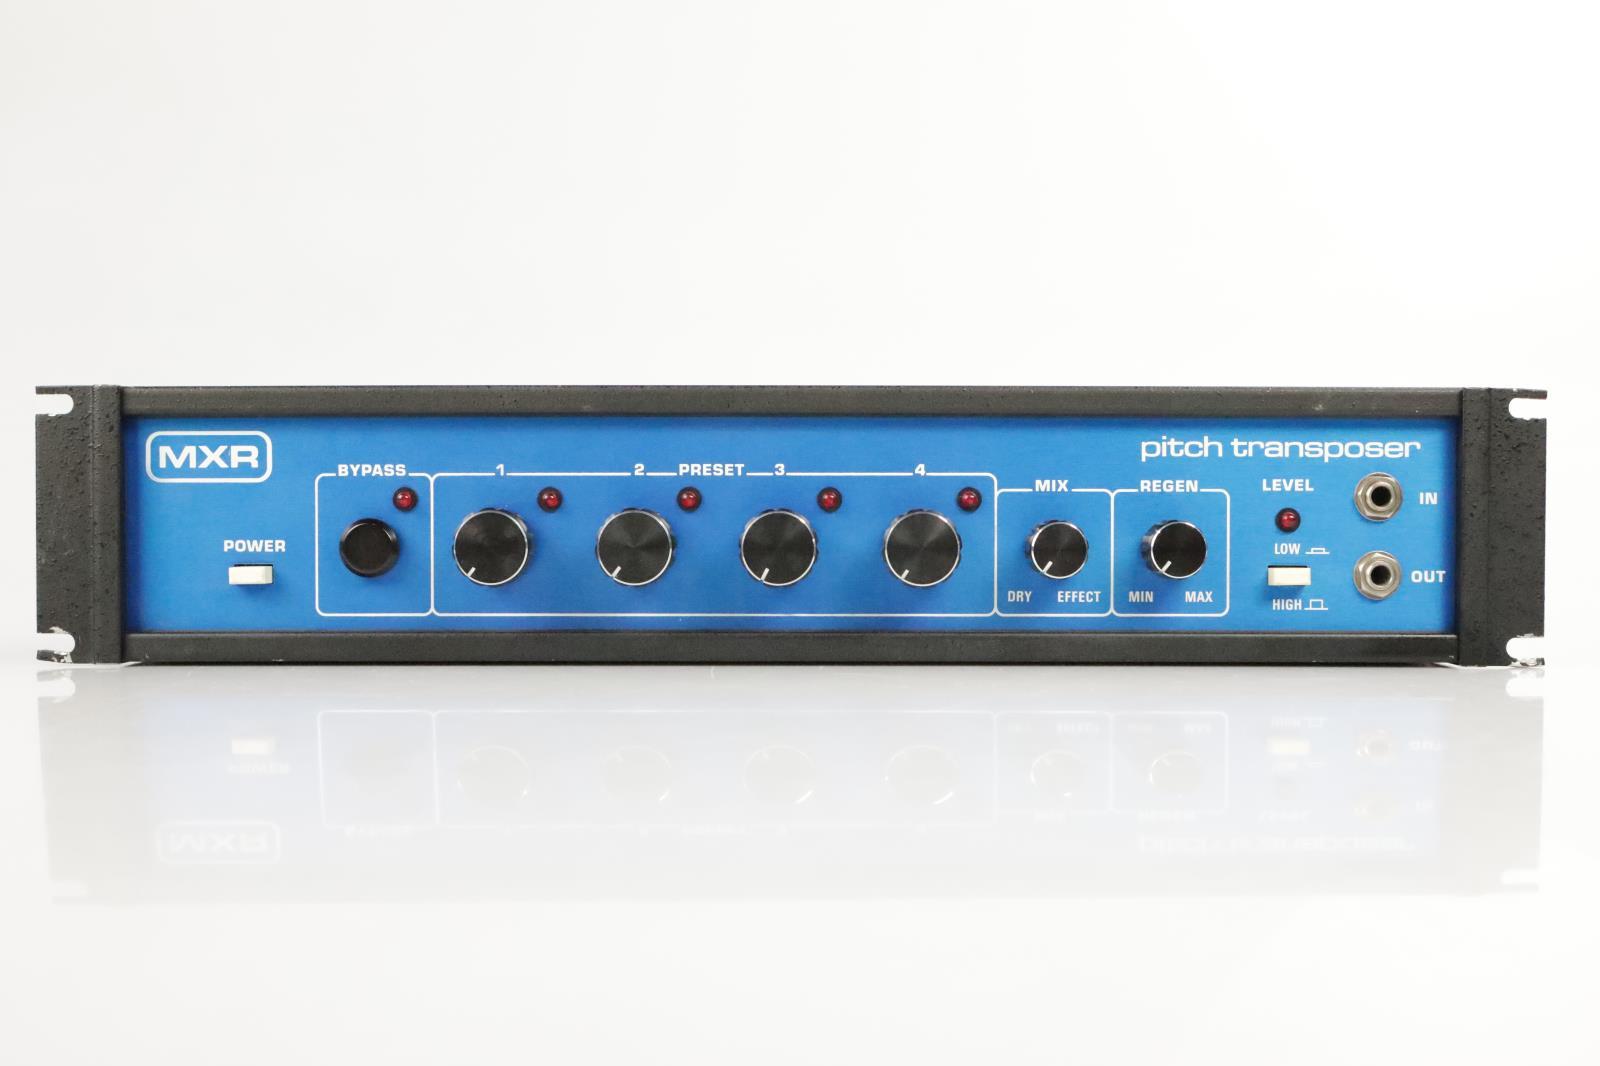 MXR Pitch Transposer Model 129 #32397